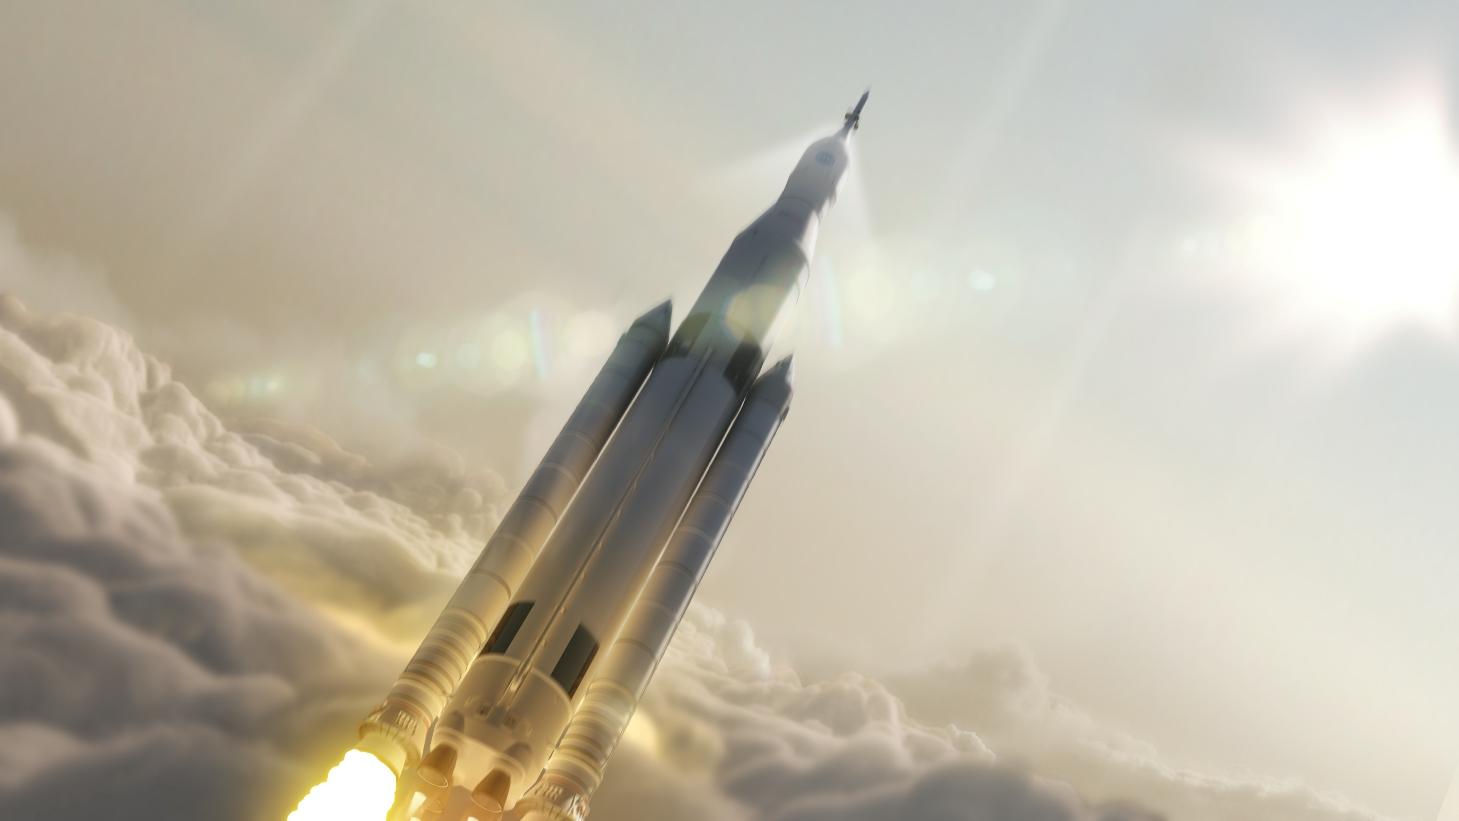 سفر انسان به مریخ با موشک مدرن ِناسا,جملات زیبا